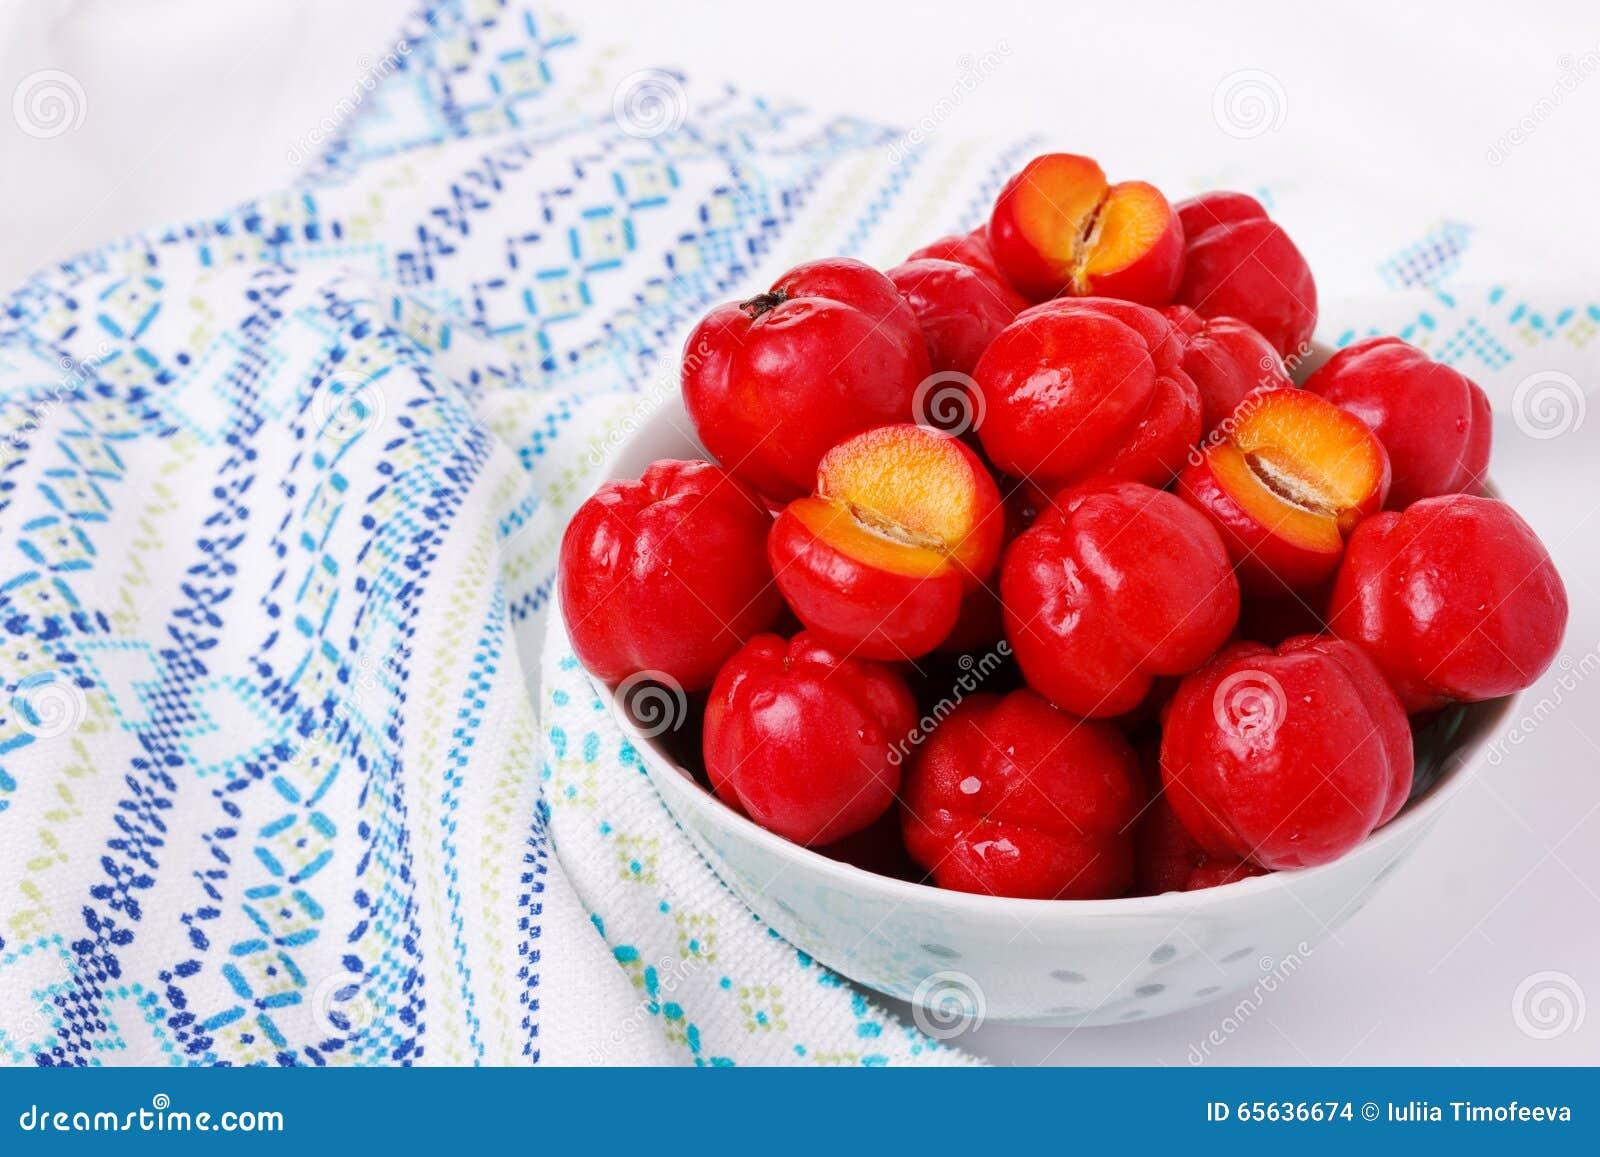 Glabra de malpighie (acerola rouge), fruit tropical dans la cuvette